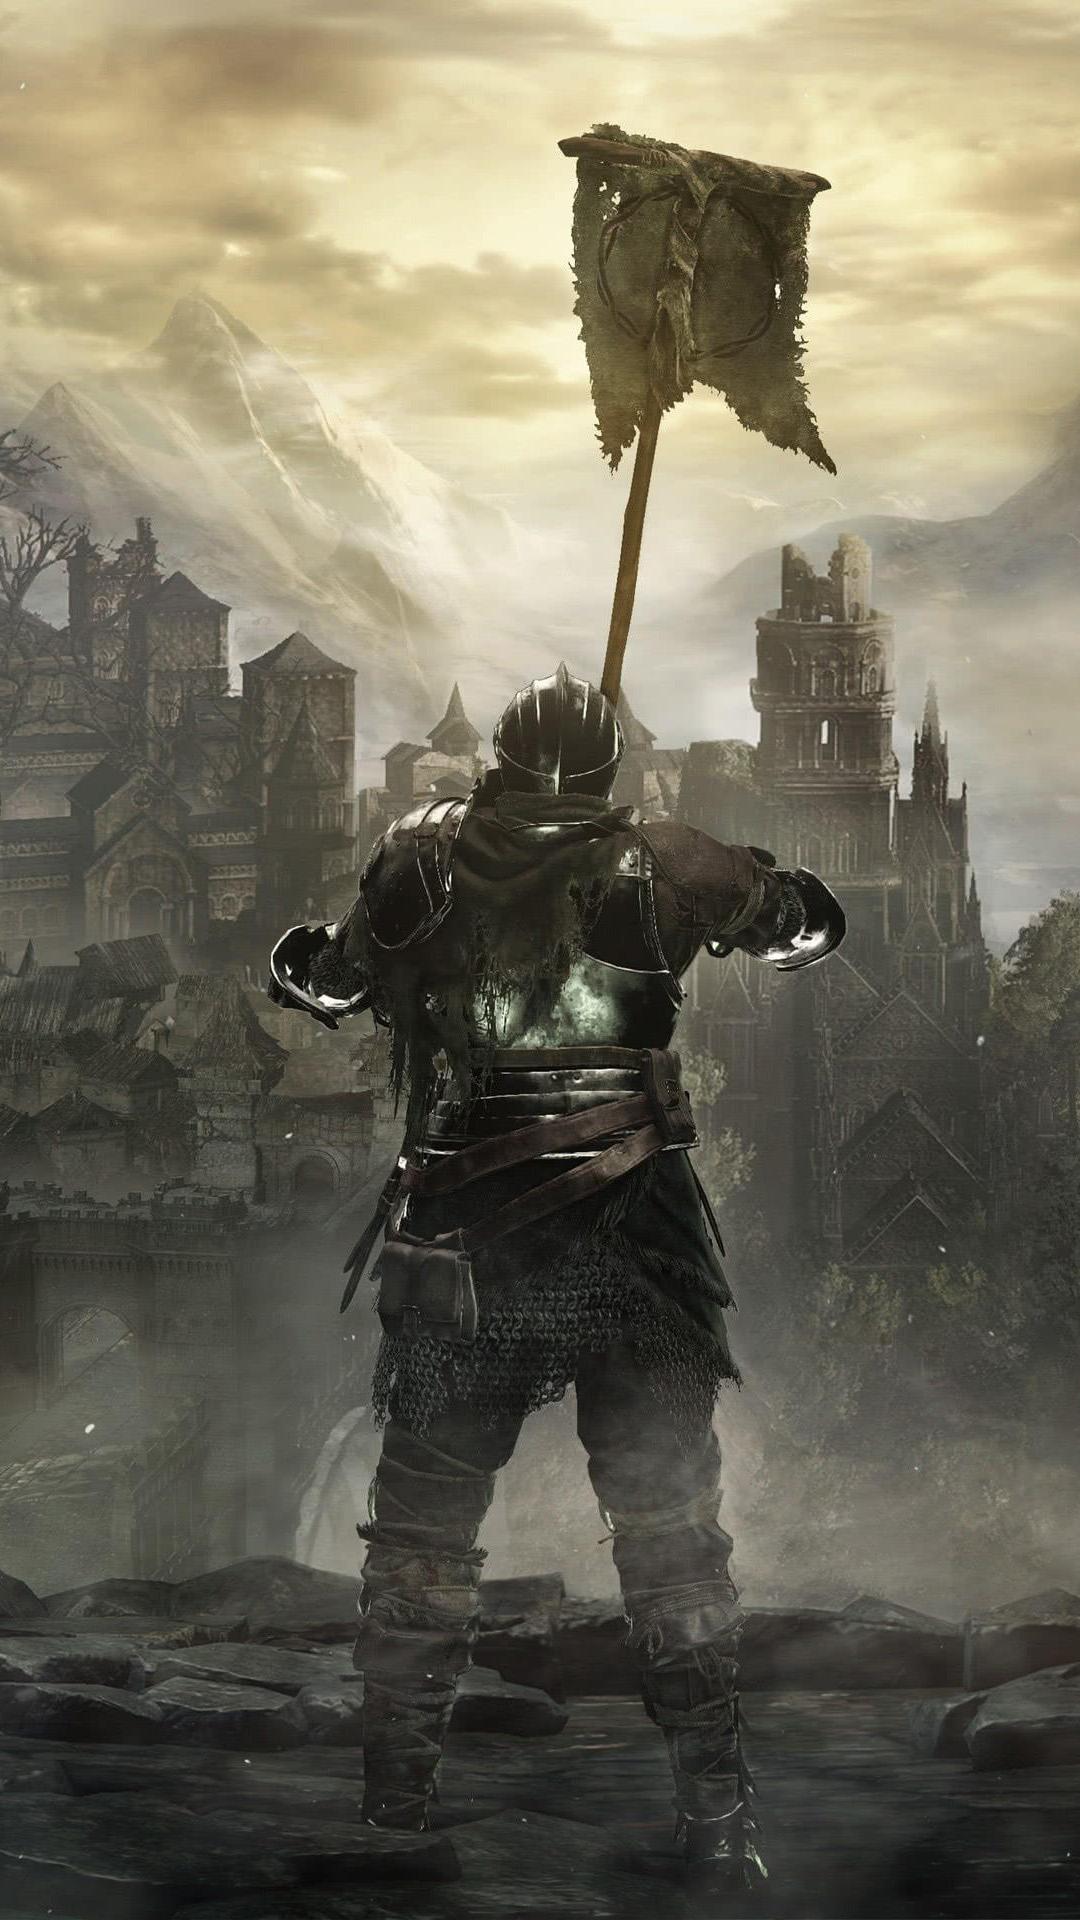 Dark Souls 3 Game HD Mobile Wallpaper - Download Free 100% ...